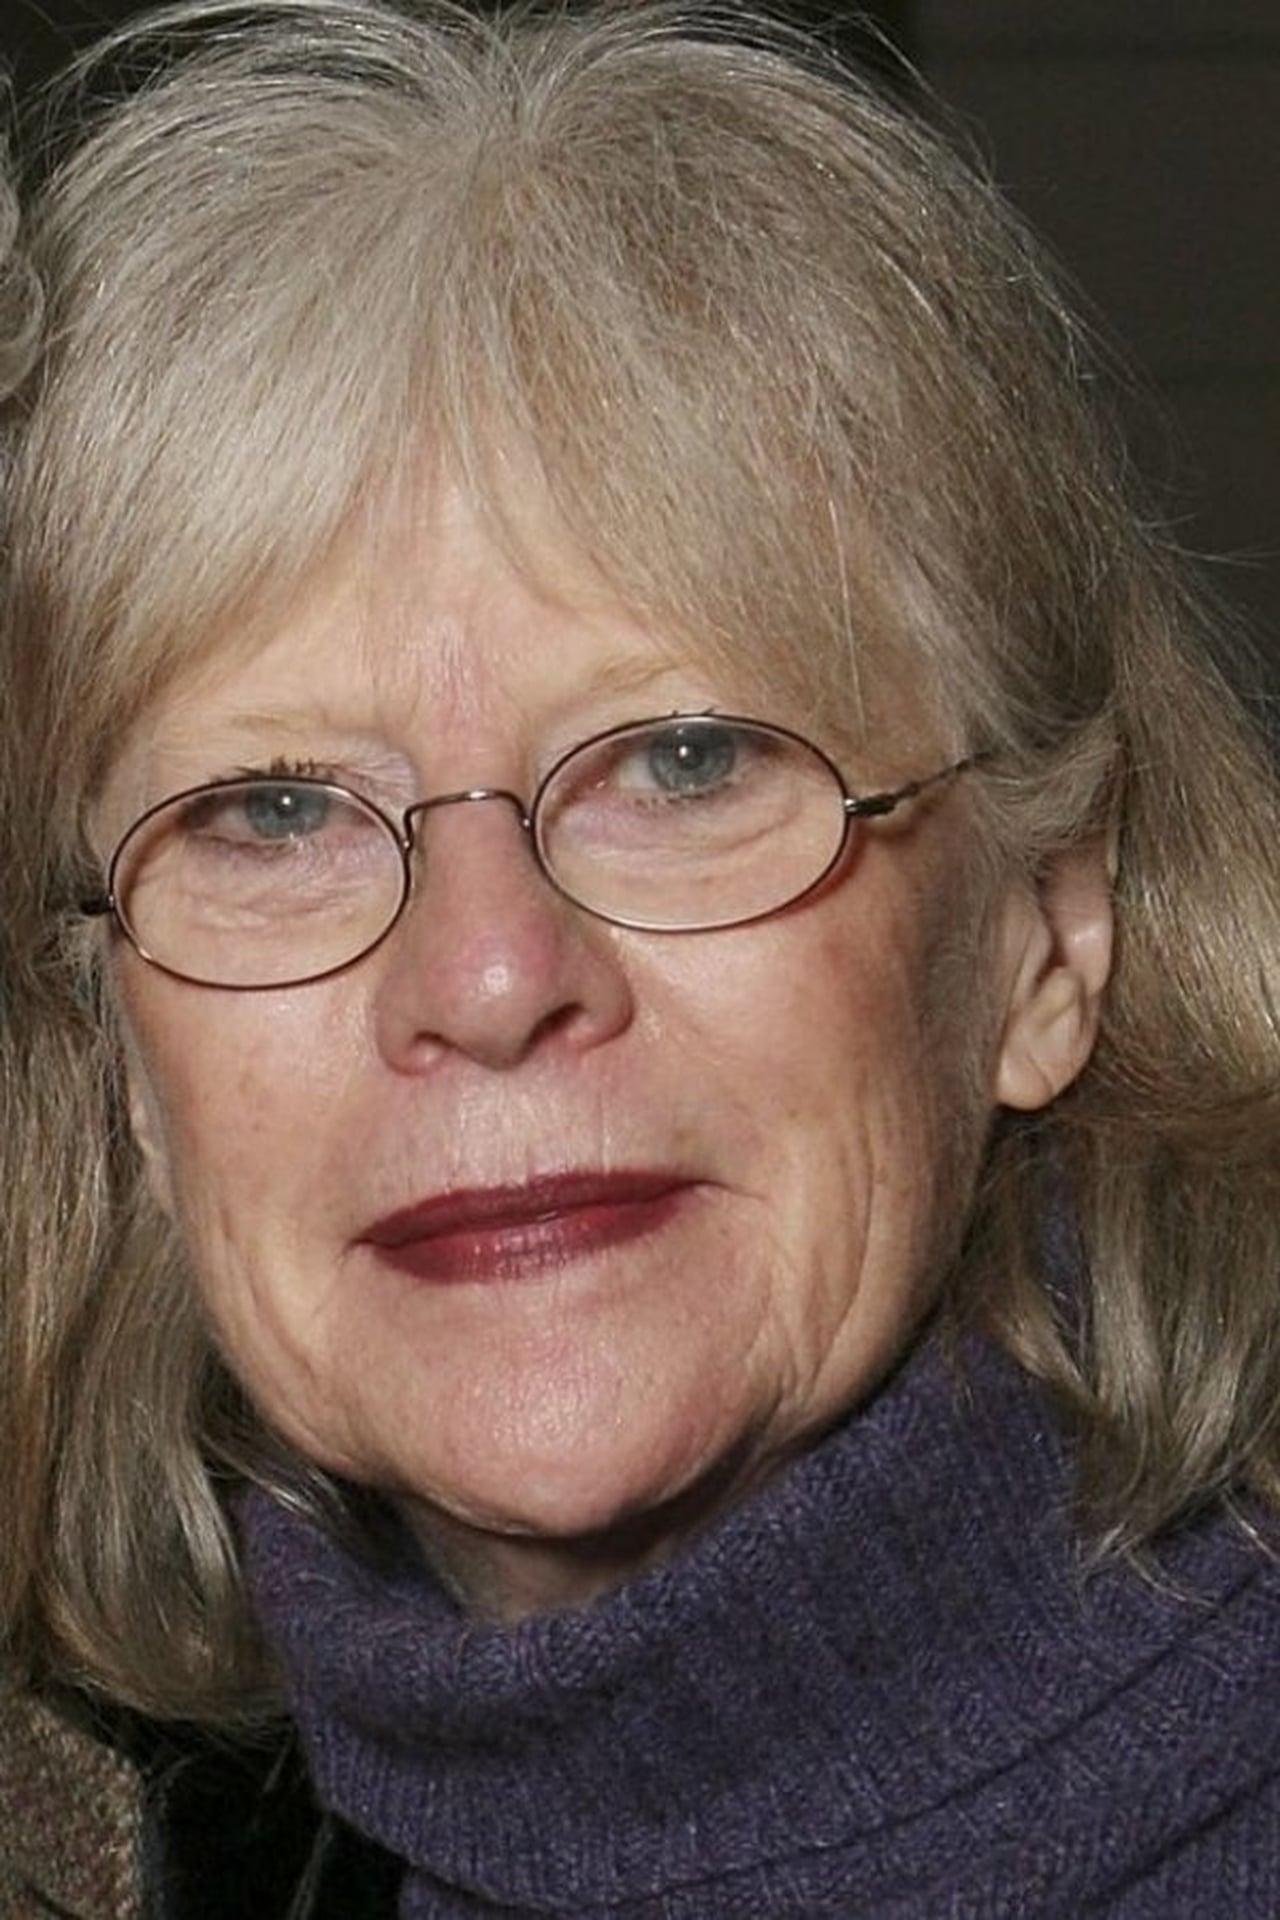 Mariclare Costello